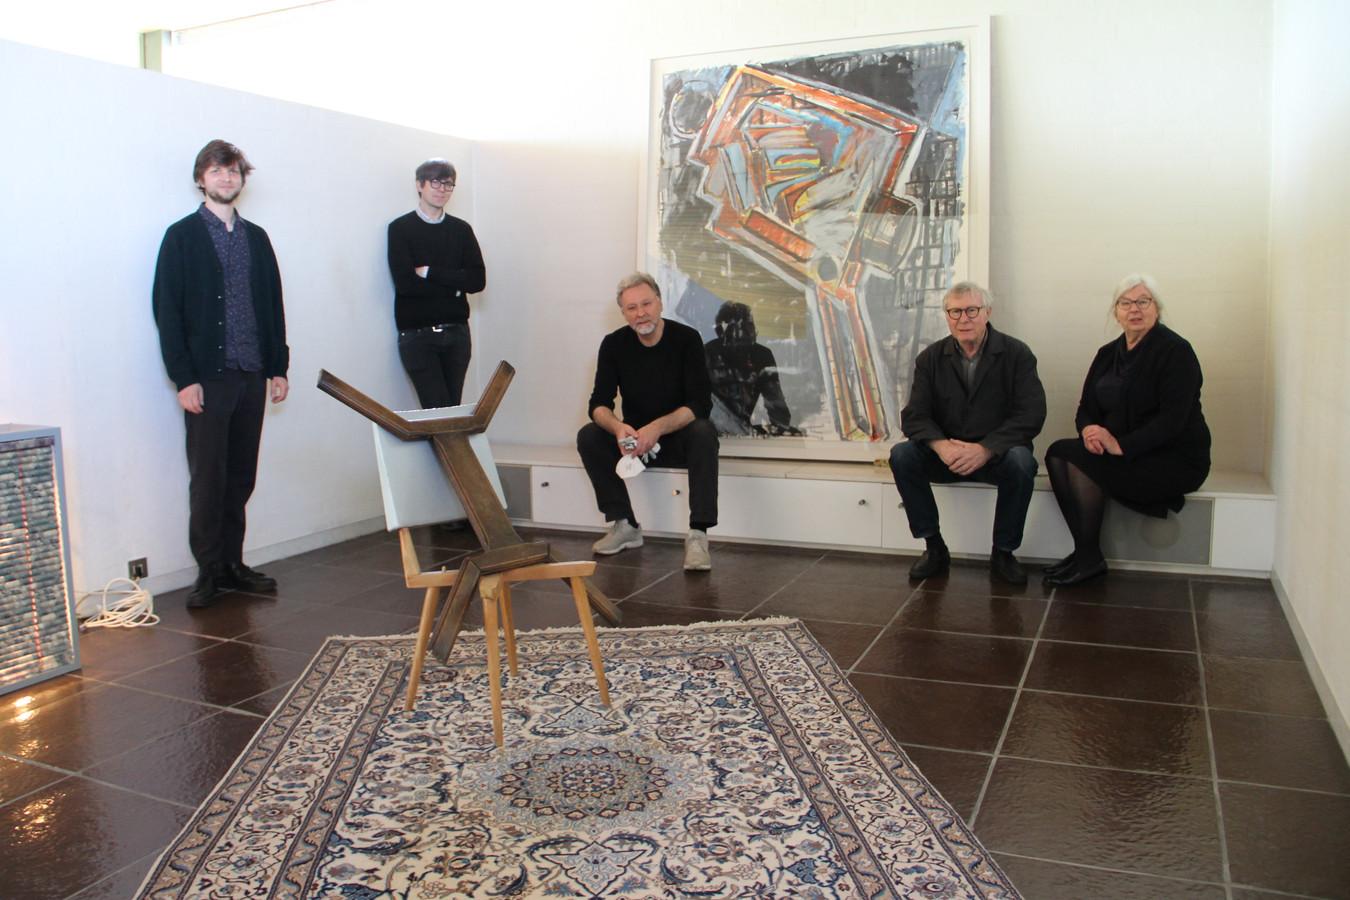 Rik Vannevel en directeur Antony Hudek van Museum Dhondt-Dhaenens met co-curator Richard Venlet en het echtpaar Wilfried en Yannicke Cooreman, die stukken uit hun verzameling in villa Vandenbussche in Tielt tentoonstellen.